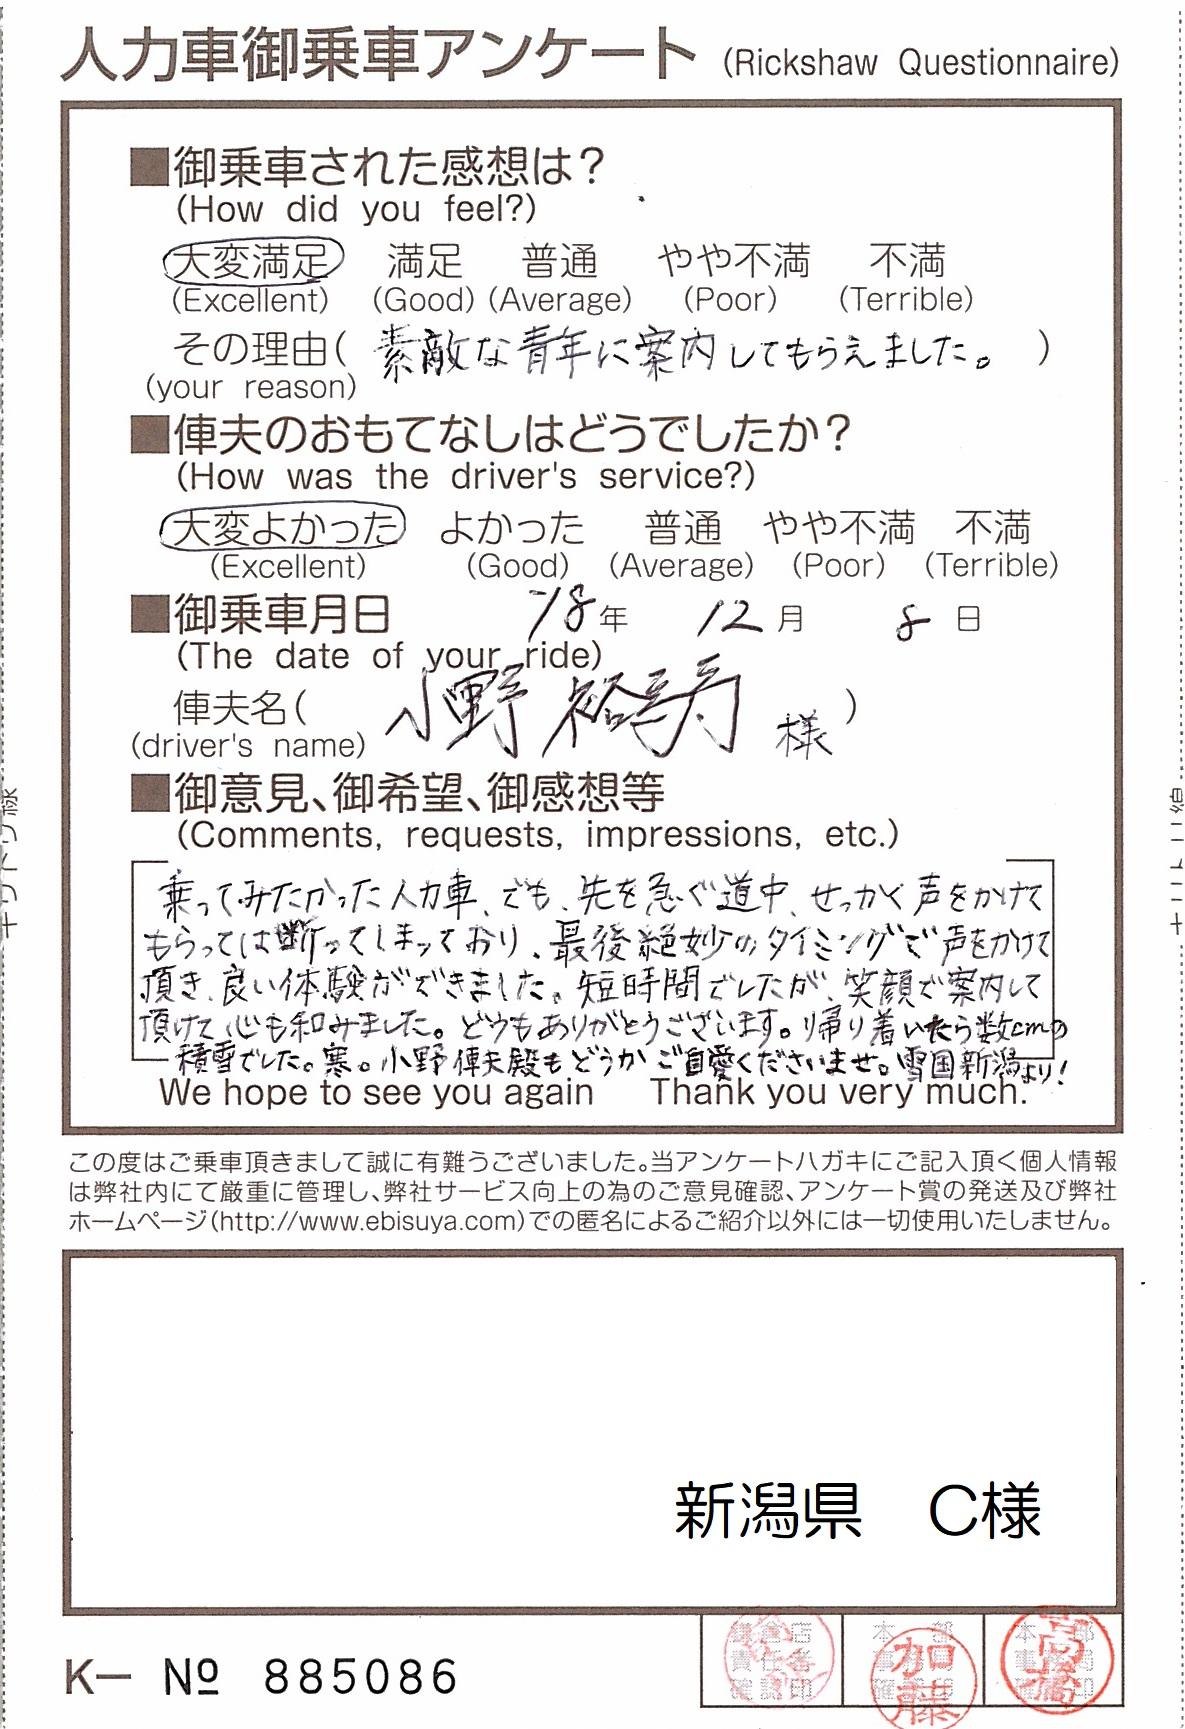 新潟県 C様